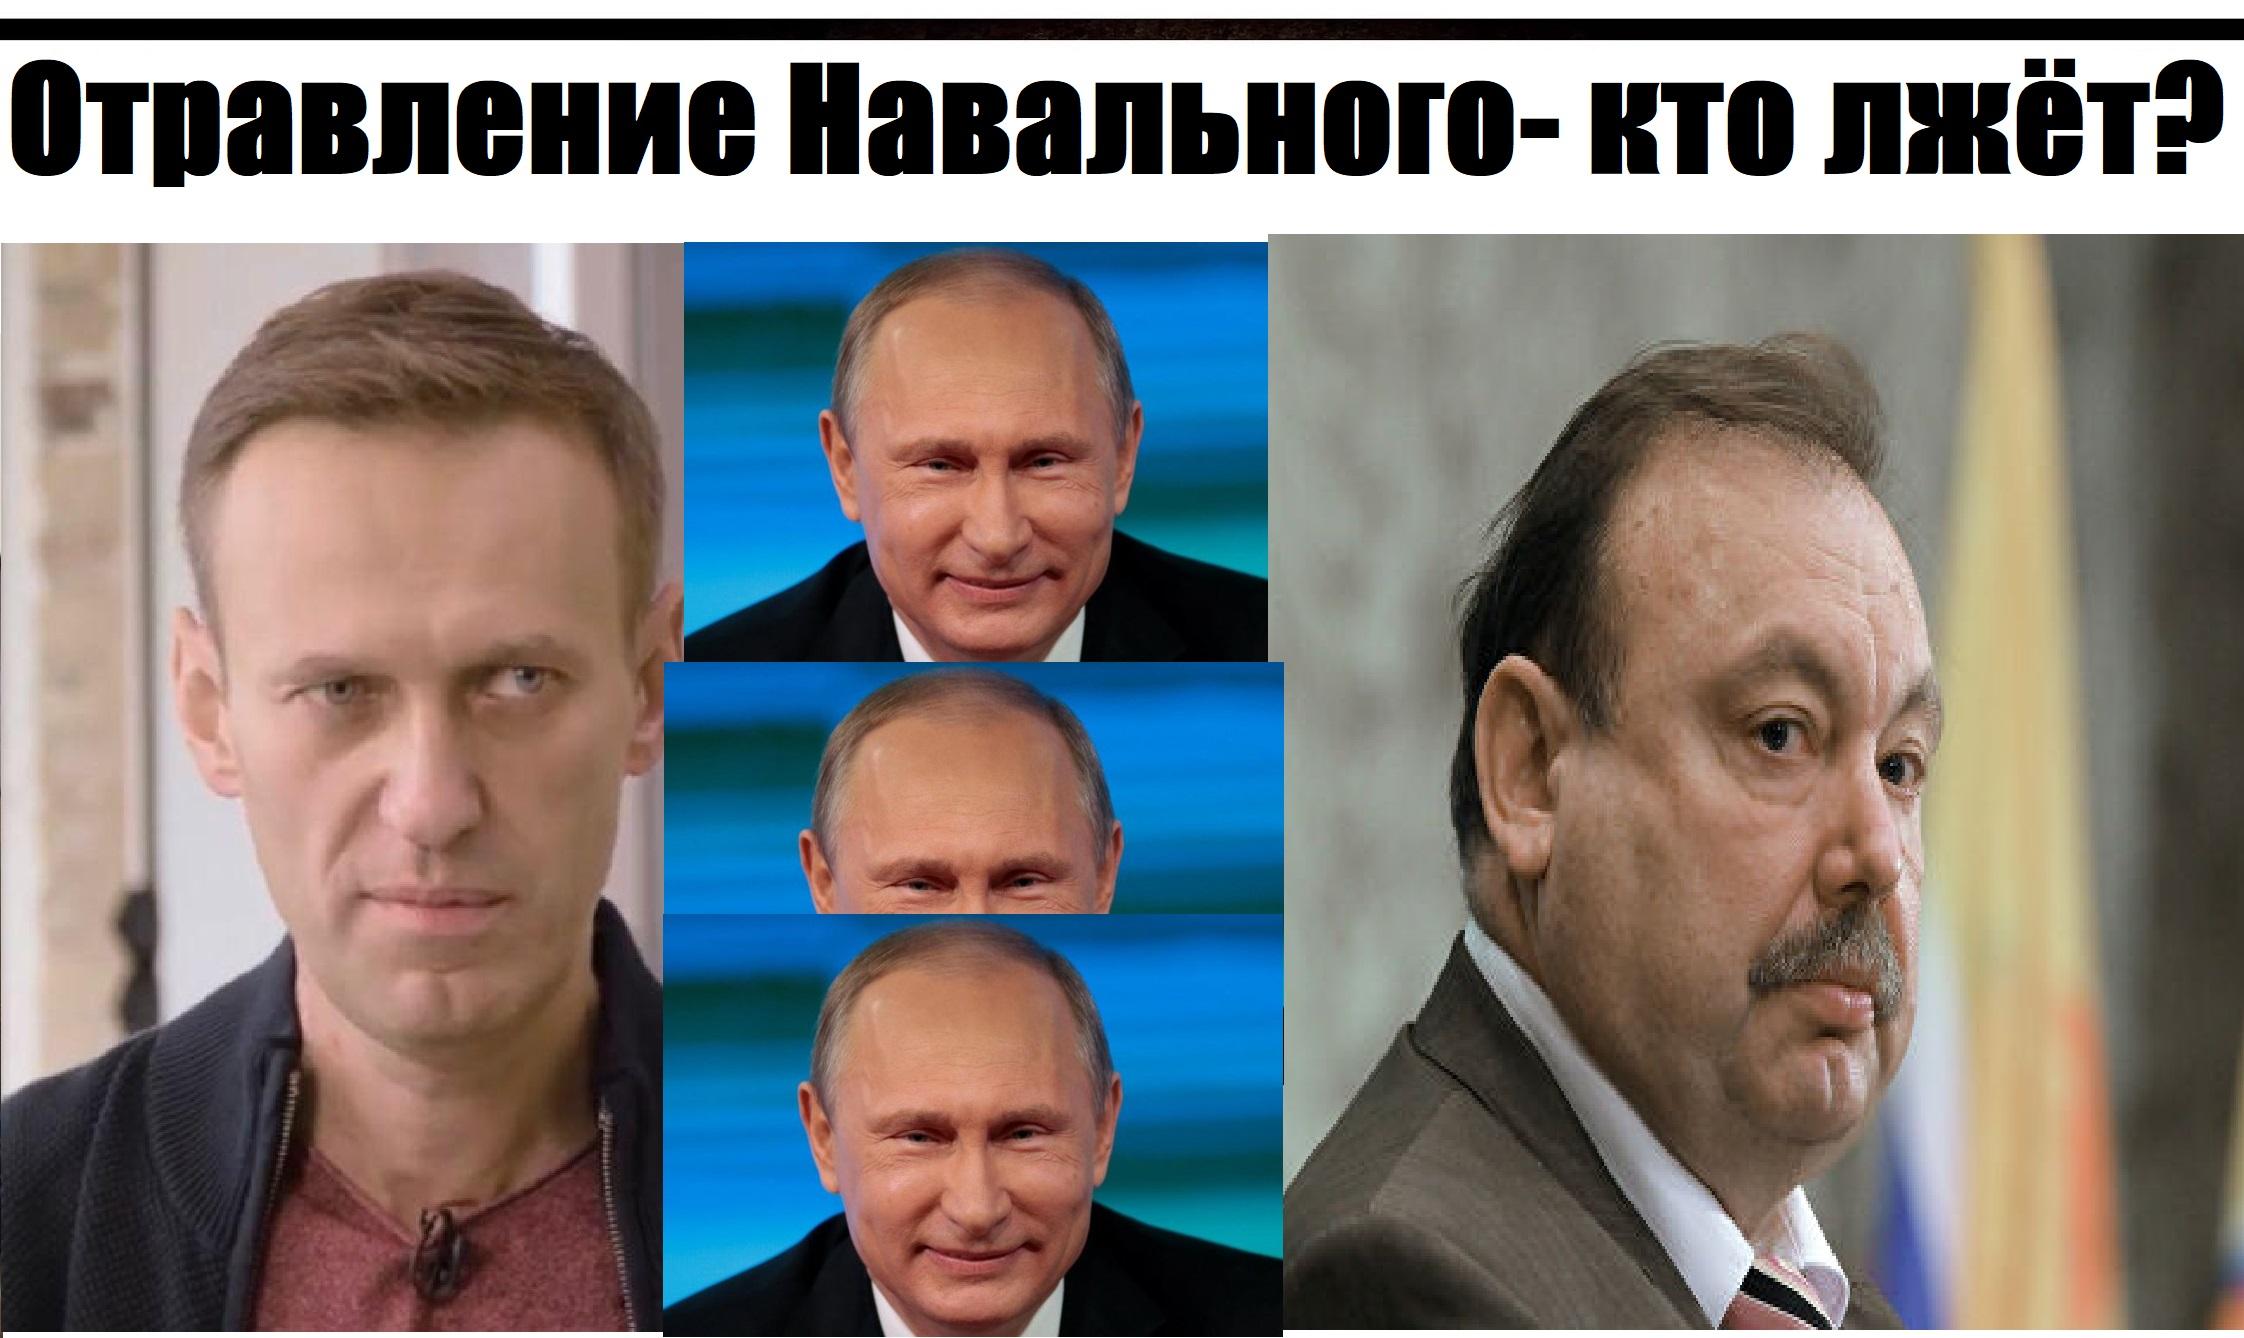 Гудков отравление НАвального